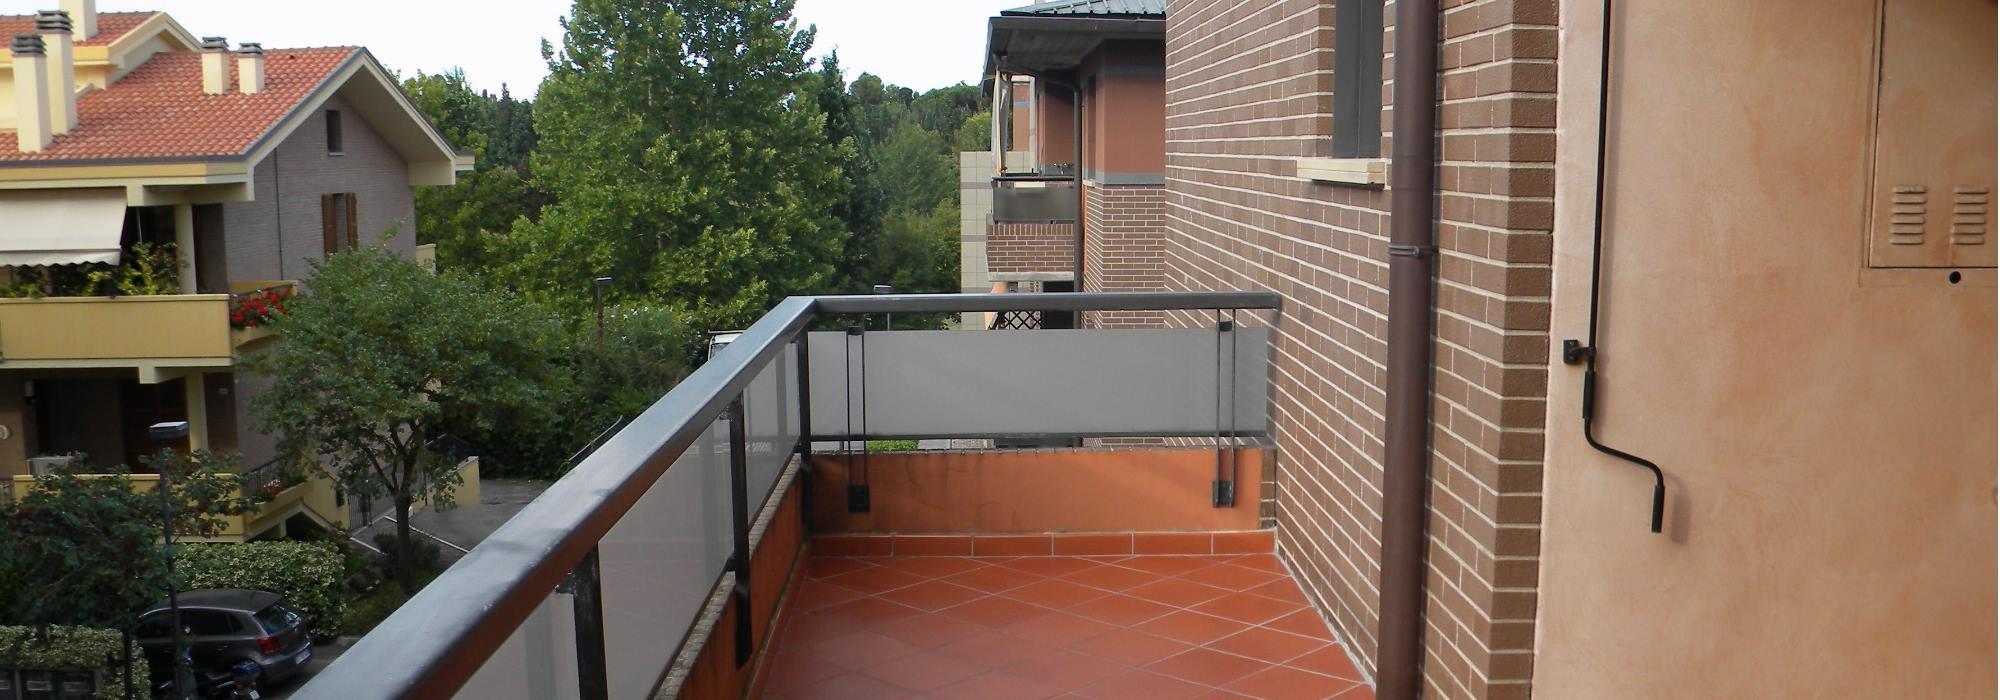 Appartamento 107 mq Miralfiore Pesaro